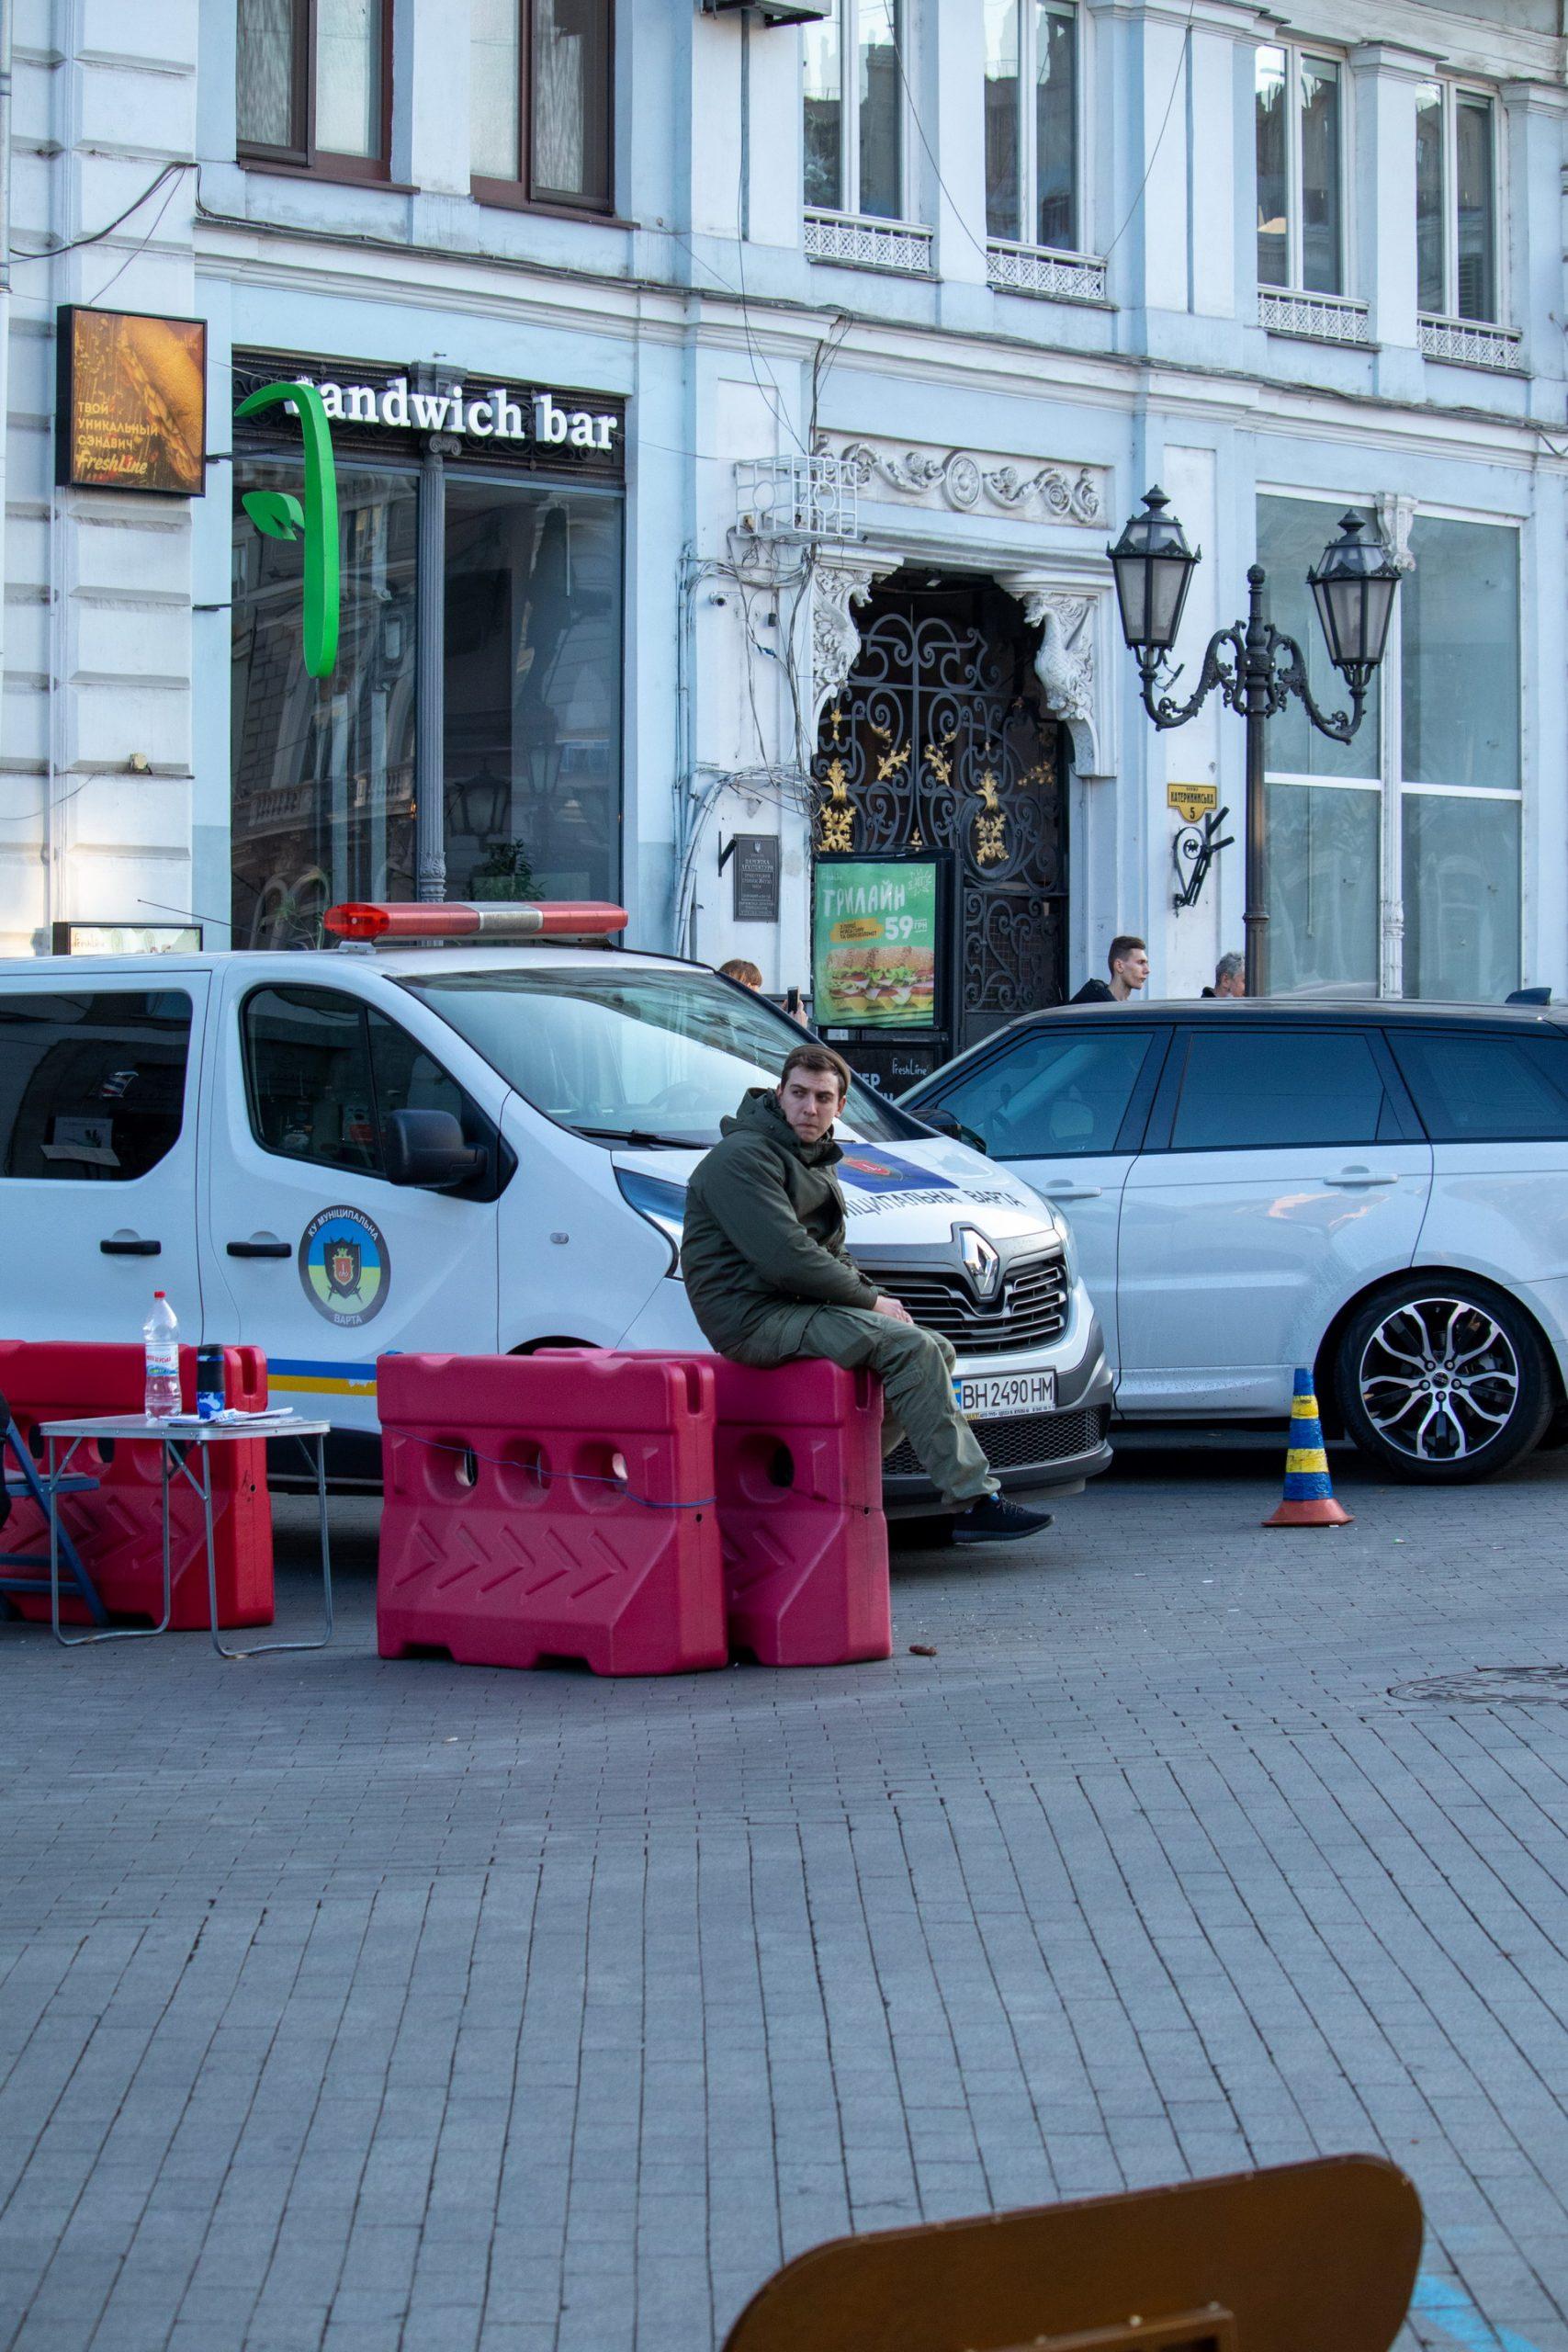 Охранник в центре Одессы следит за проездом автомобилей – bur4ik.ru – 21.01.2020 - фото 1